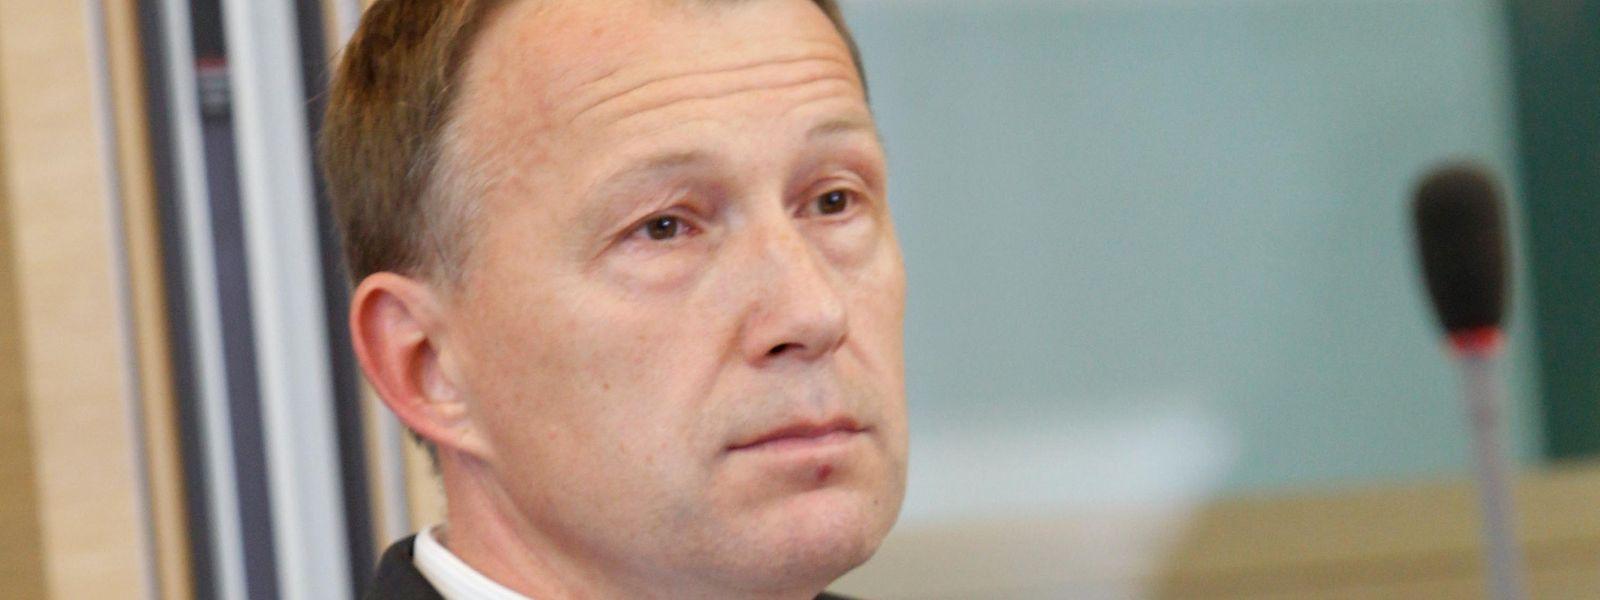 Marco Mille wurde 2010 vom Staatsdienst beurlaubt und arbeitet derzeit in der Privatwirtschaft als Sicherheitsexperte.